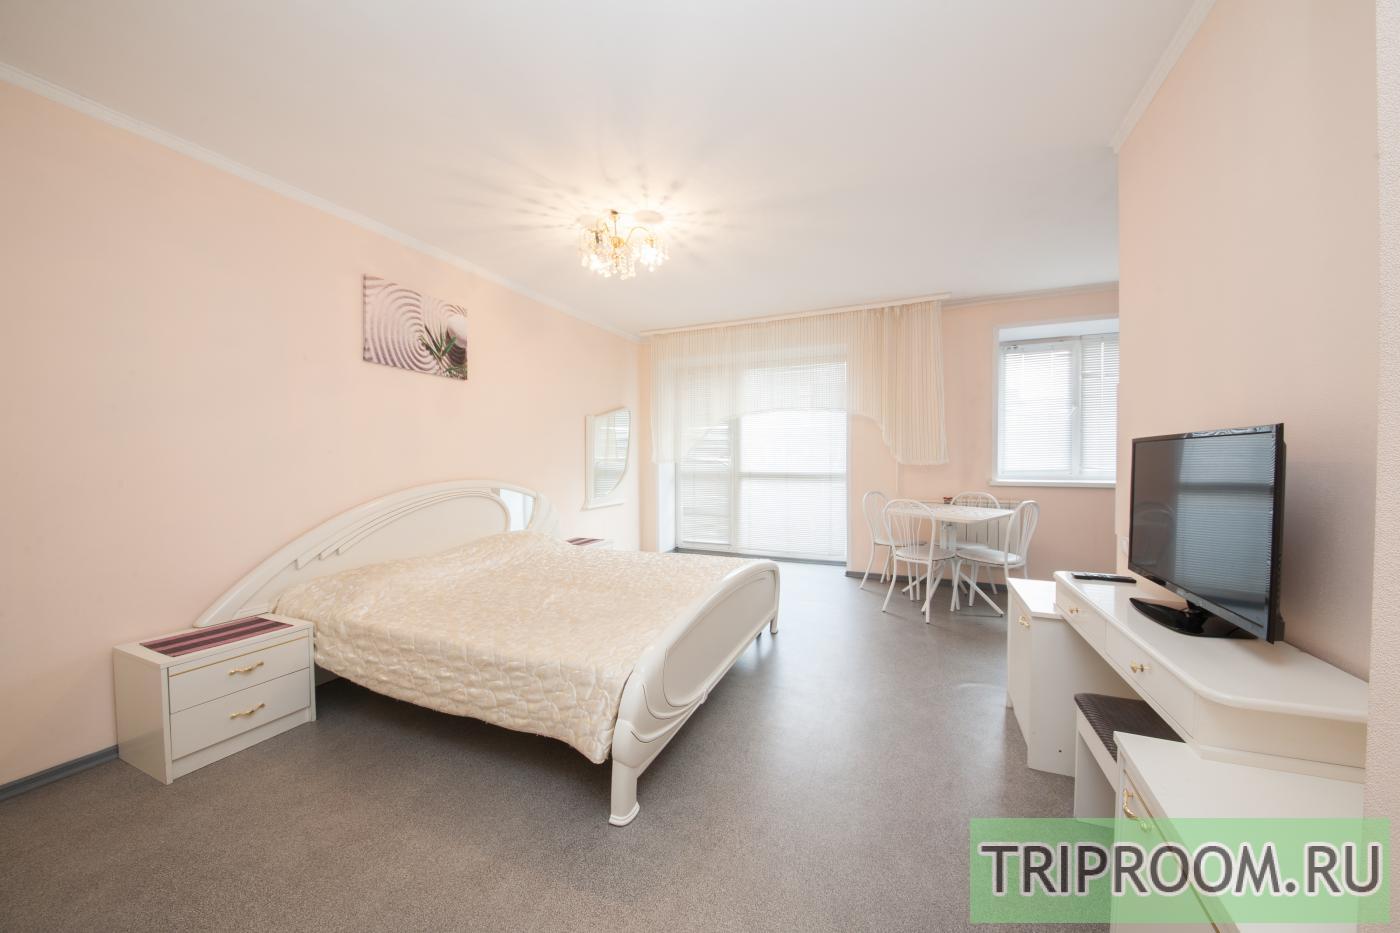 1-комнатная квартира посуточно (вариант № 16060), ул. Красной Армии, фото № 3